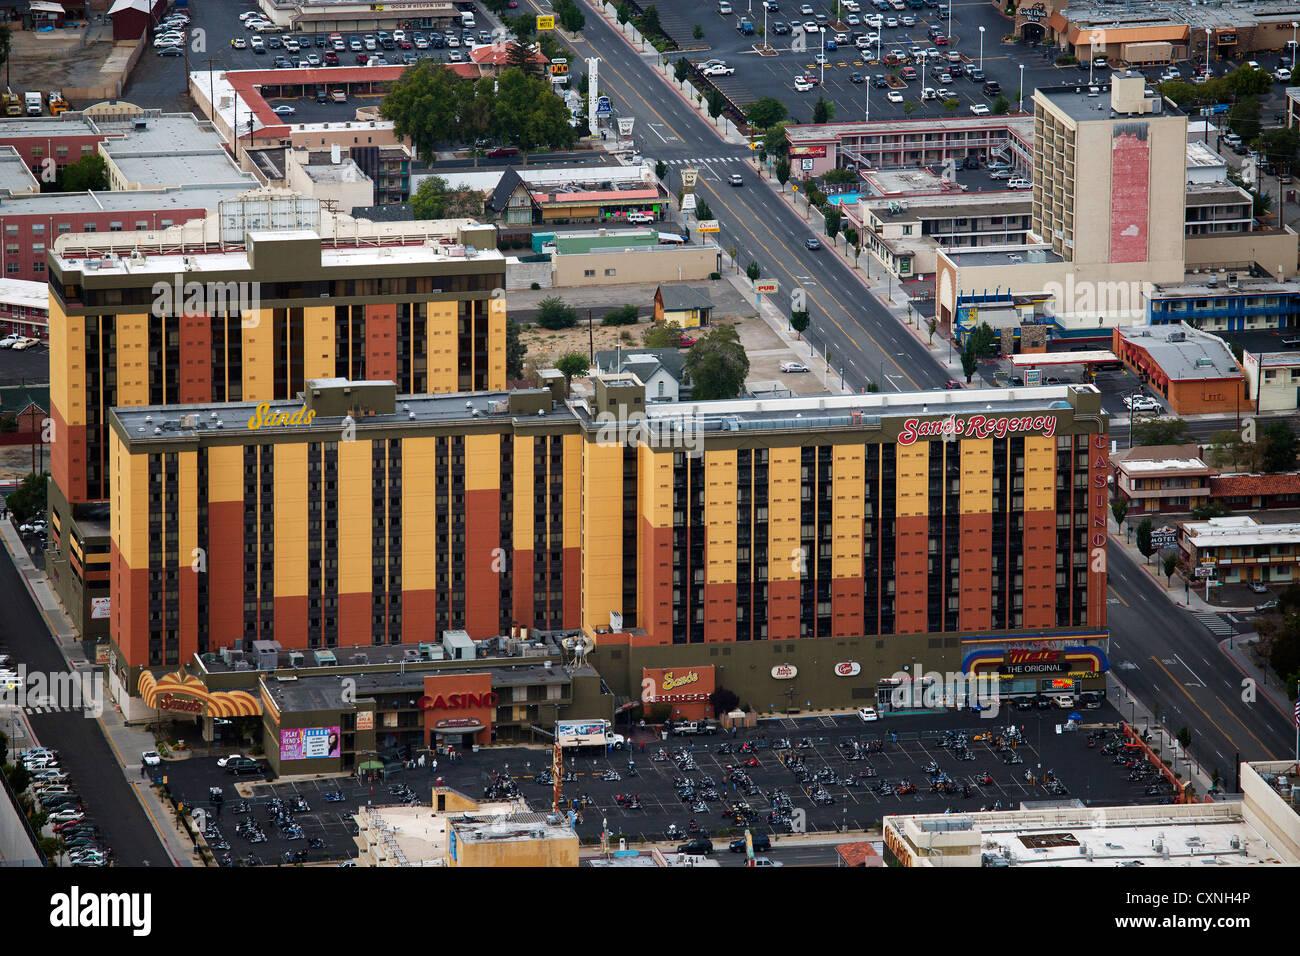 Fotografía aérea Sands Regency Reno, Nevada Imagen De Stock